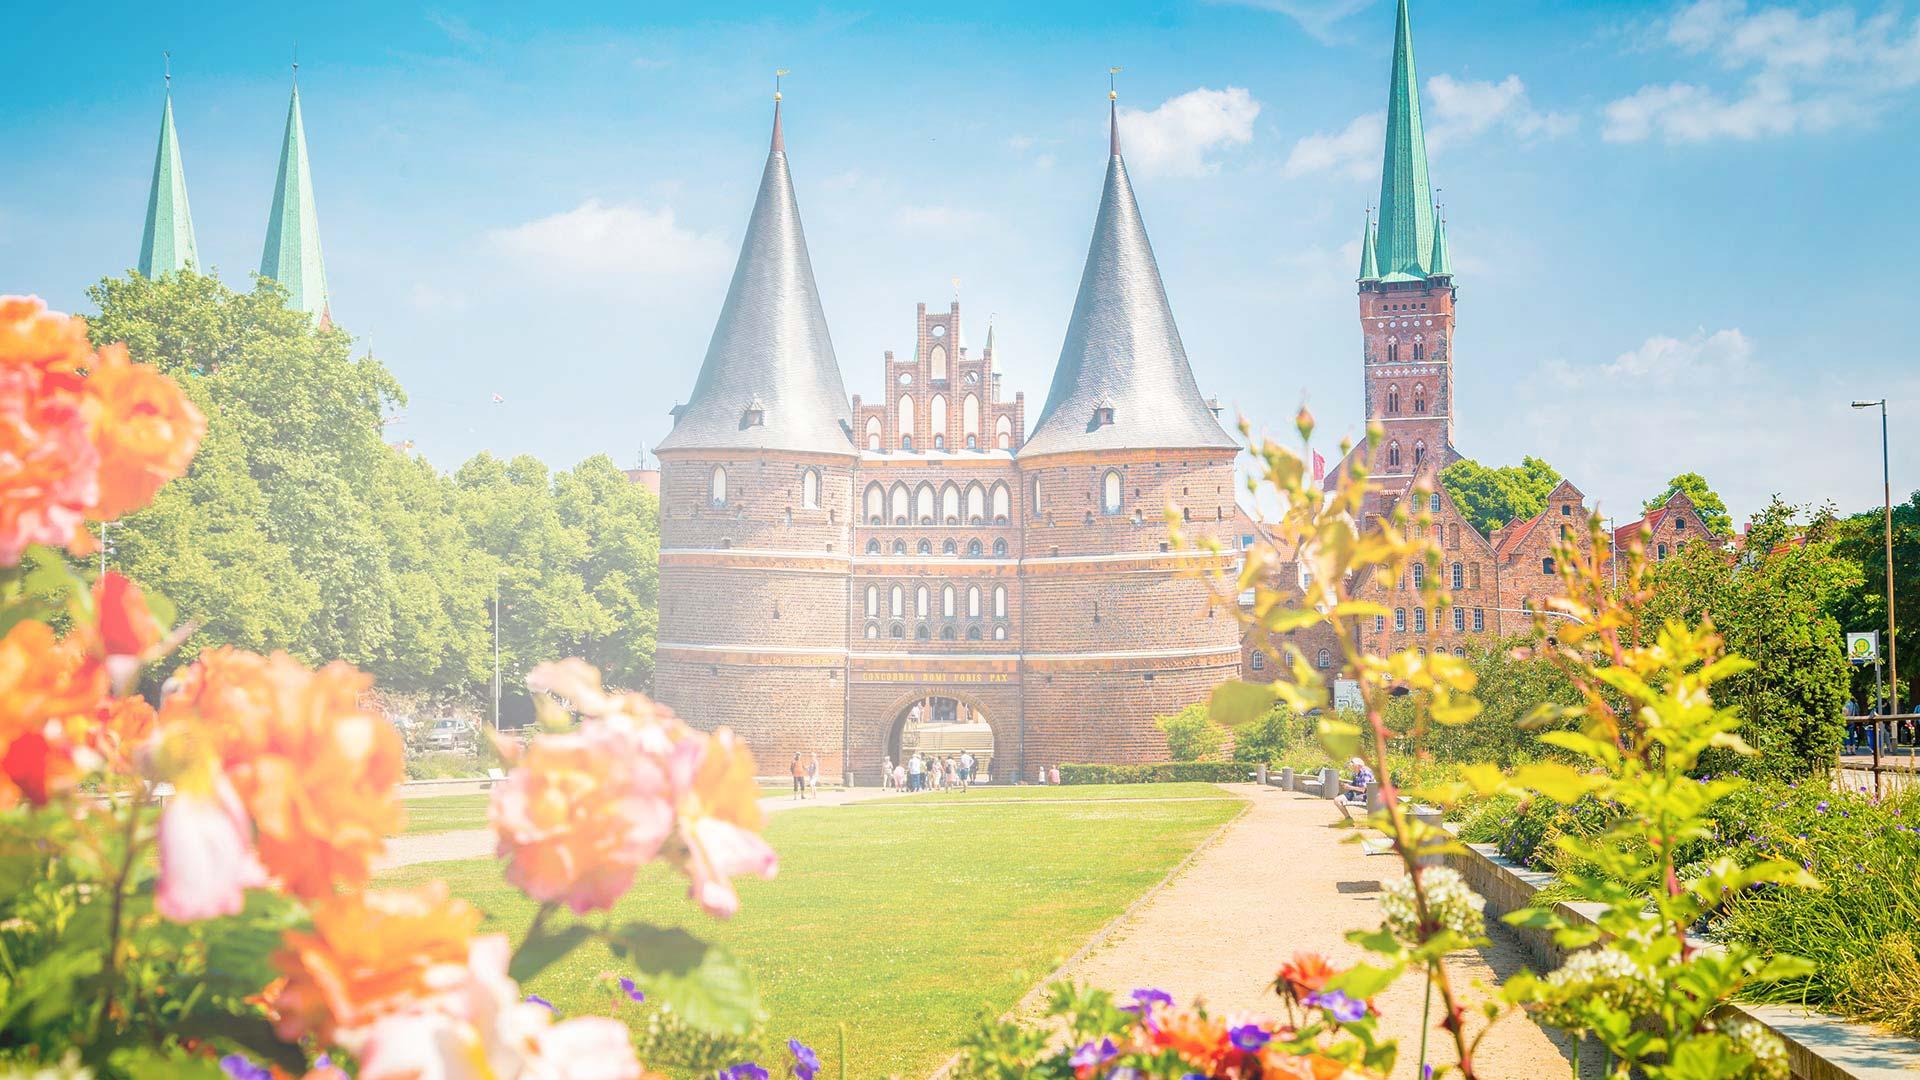 Betreuungs- und Entlastungsleistungen sowie vielfältige Angebote zur Unterstützung im Alltag in Ratzeburg, Hamburg und Schwerin.